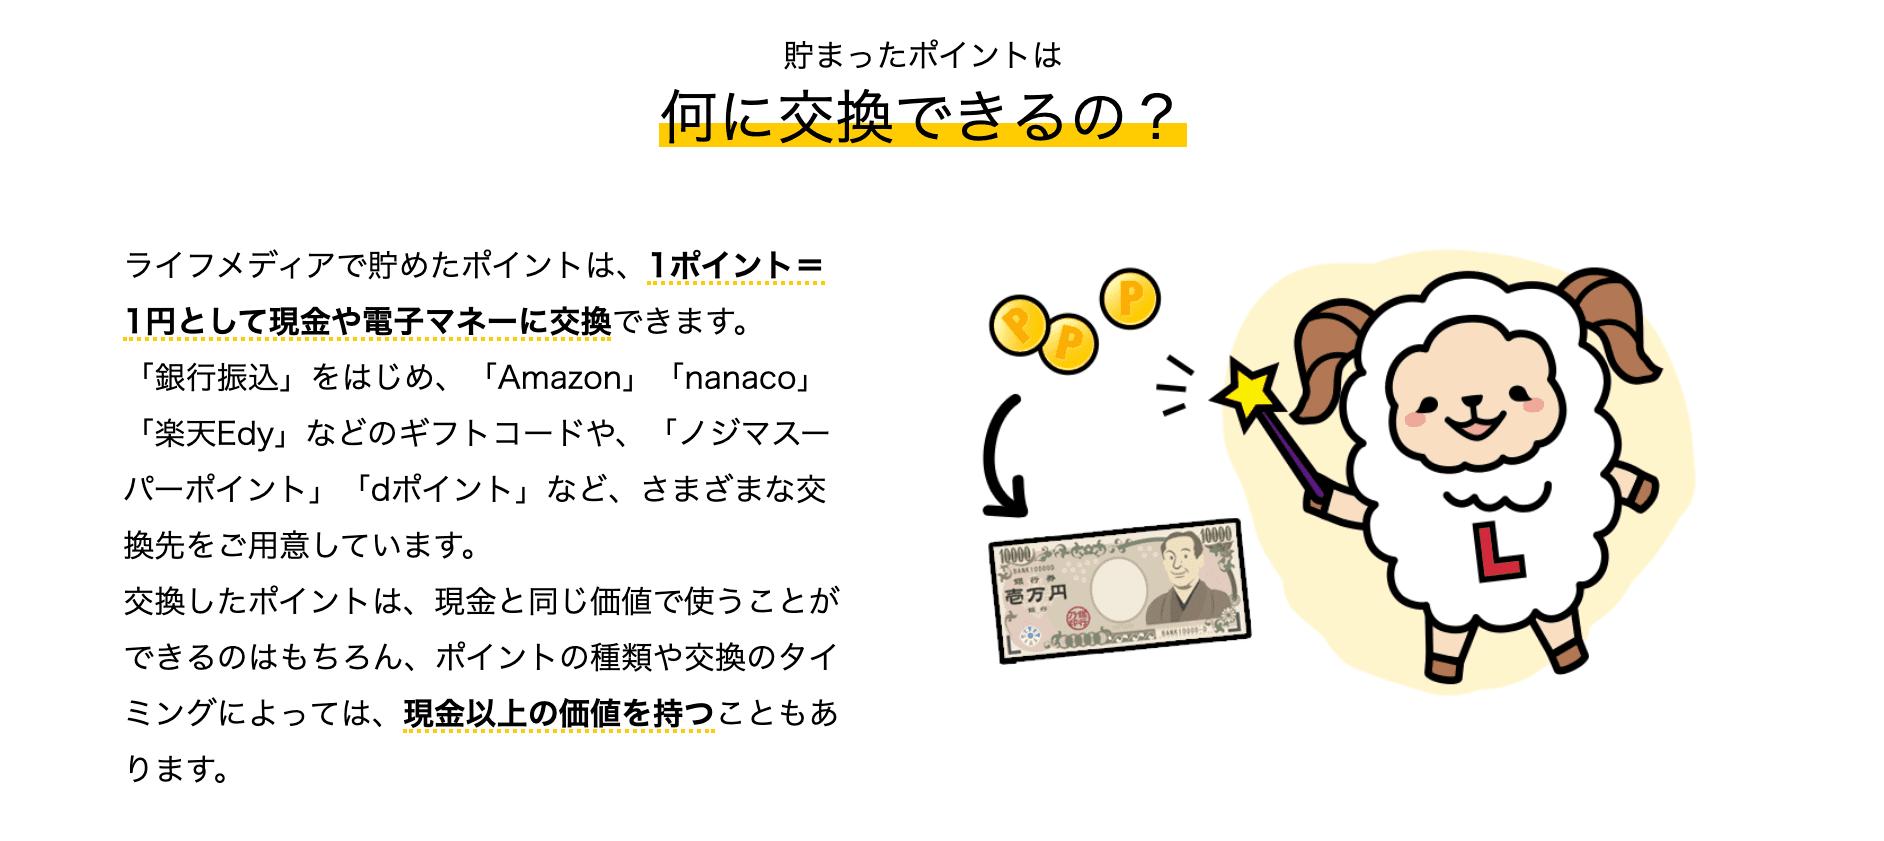 ポイントレートが1ポイント1円とわかりやす